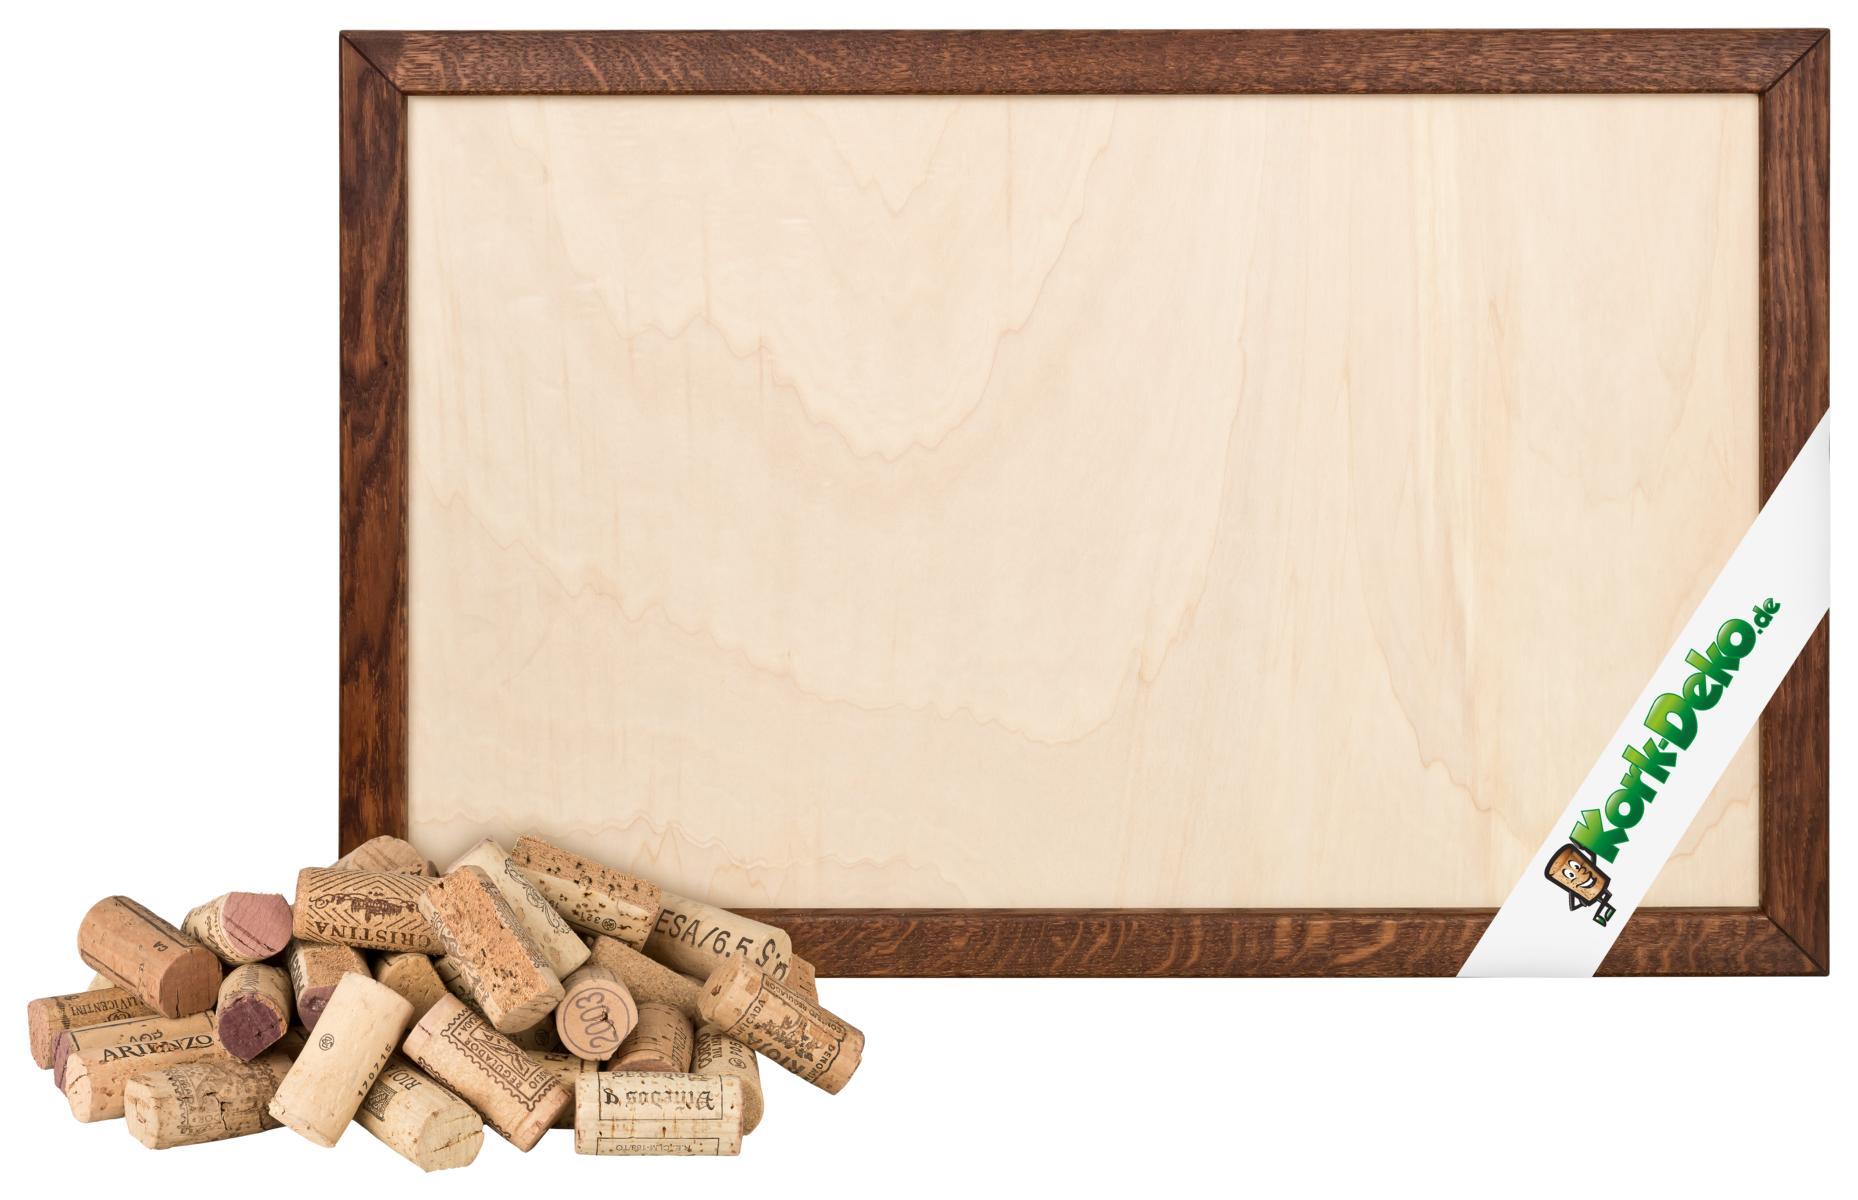 Pinnwand aus korken selber bauen korken und holz rahmen im set kaufen - Pinnwand selber bauen ...